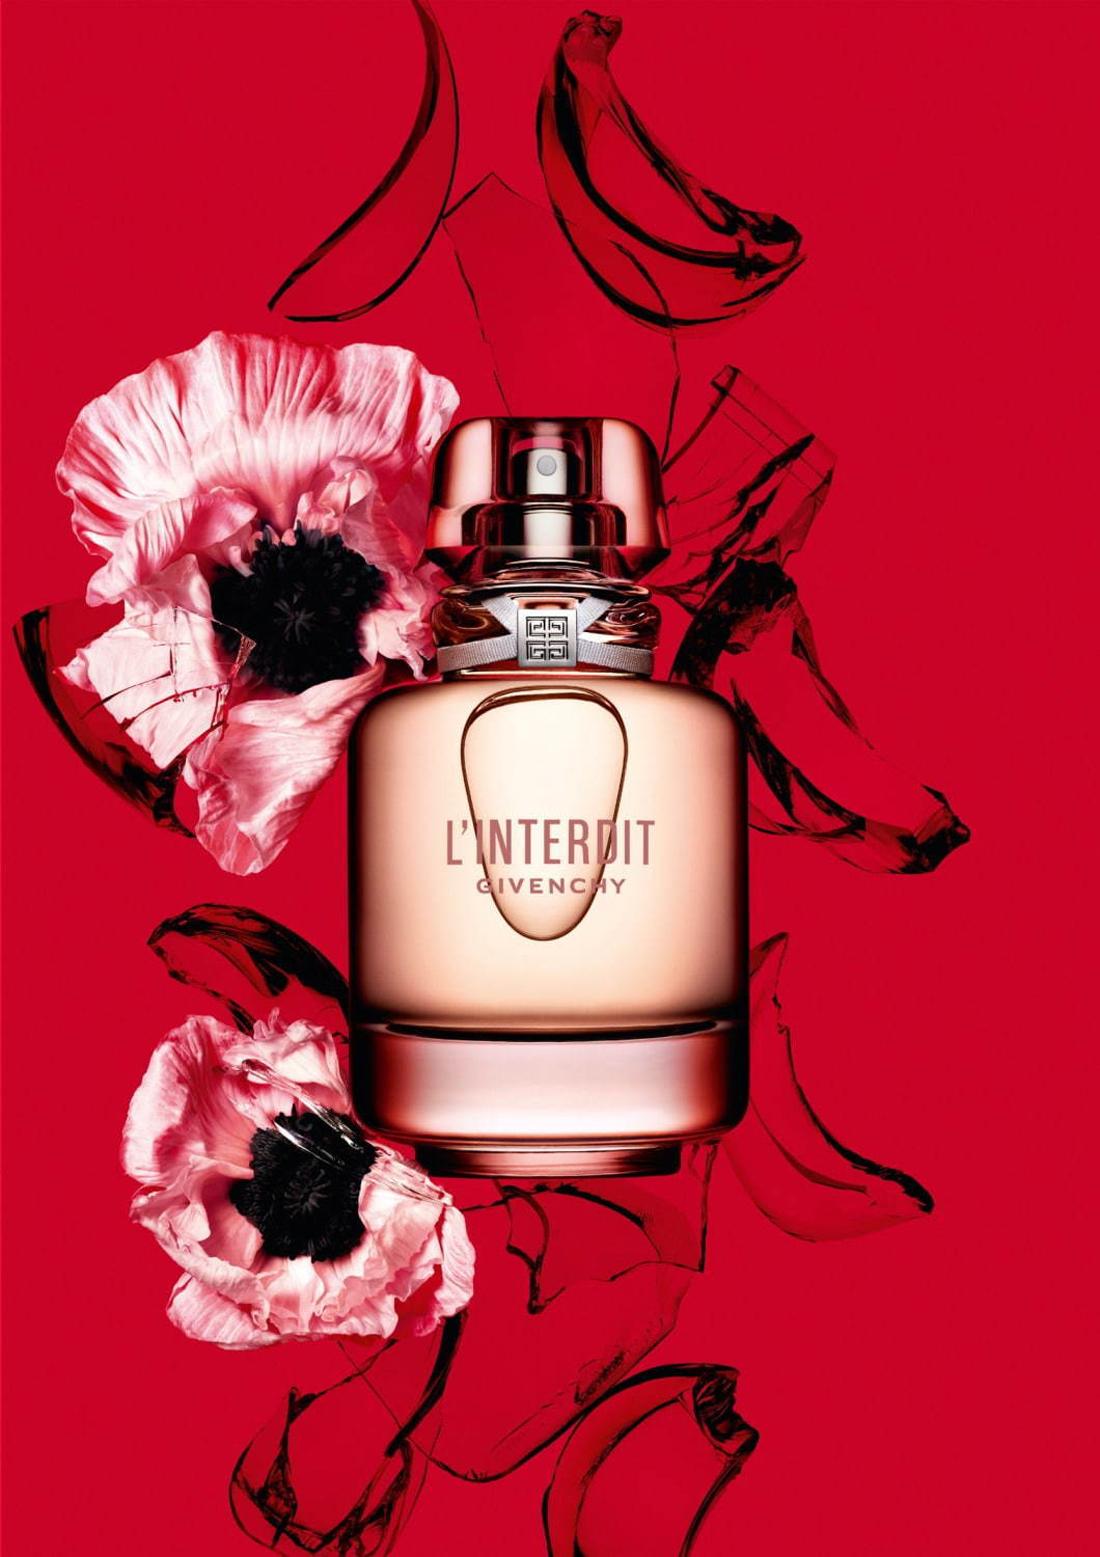 Givenchy L'Interdit Eau de Toilette ~ New Fragrances